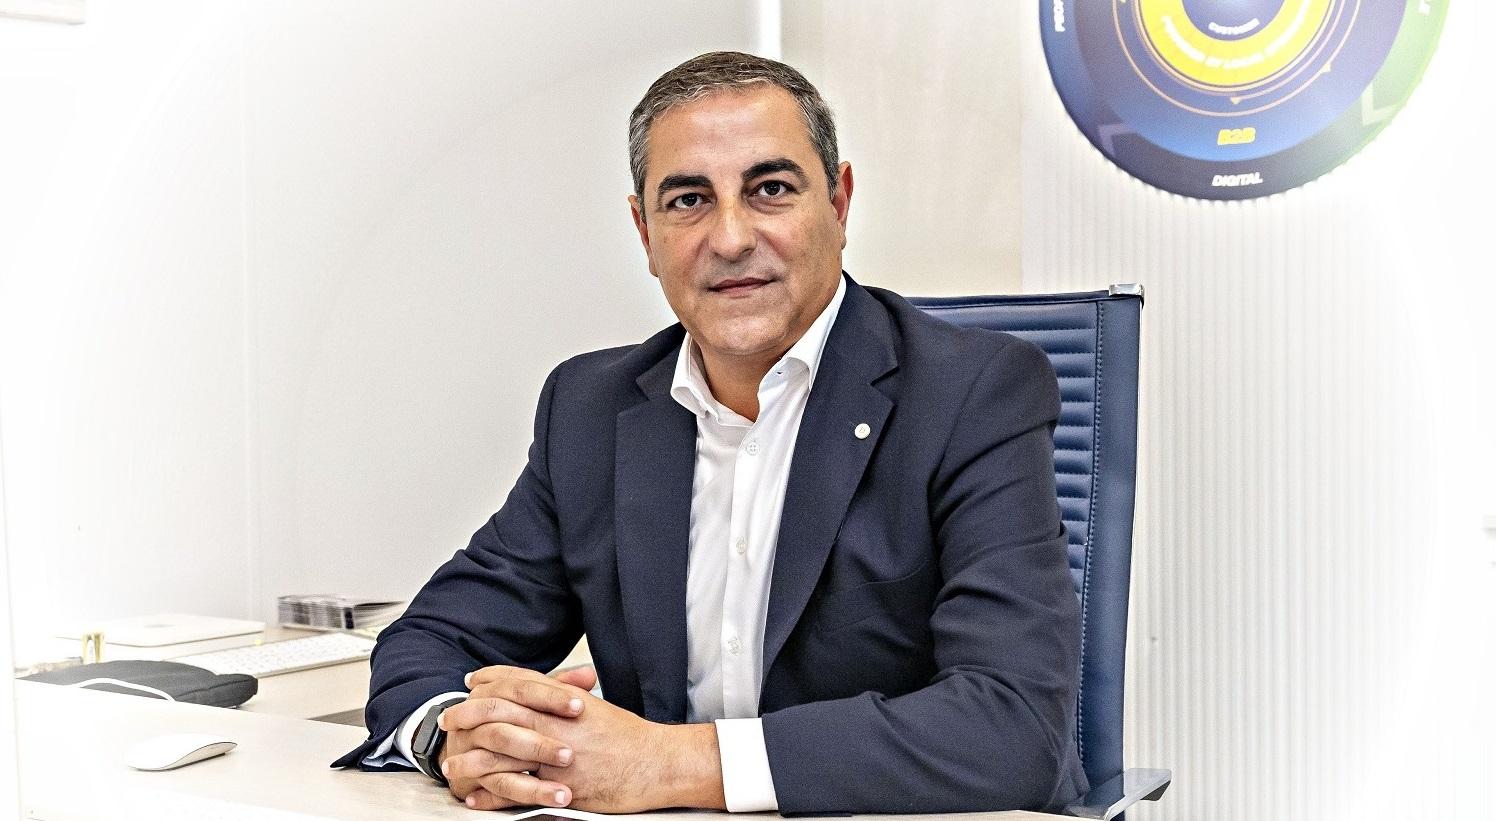 Luis Doncel